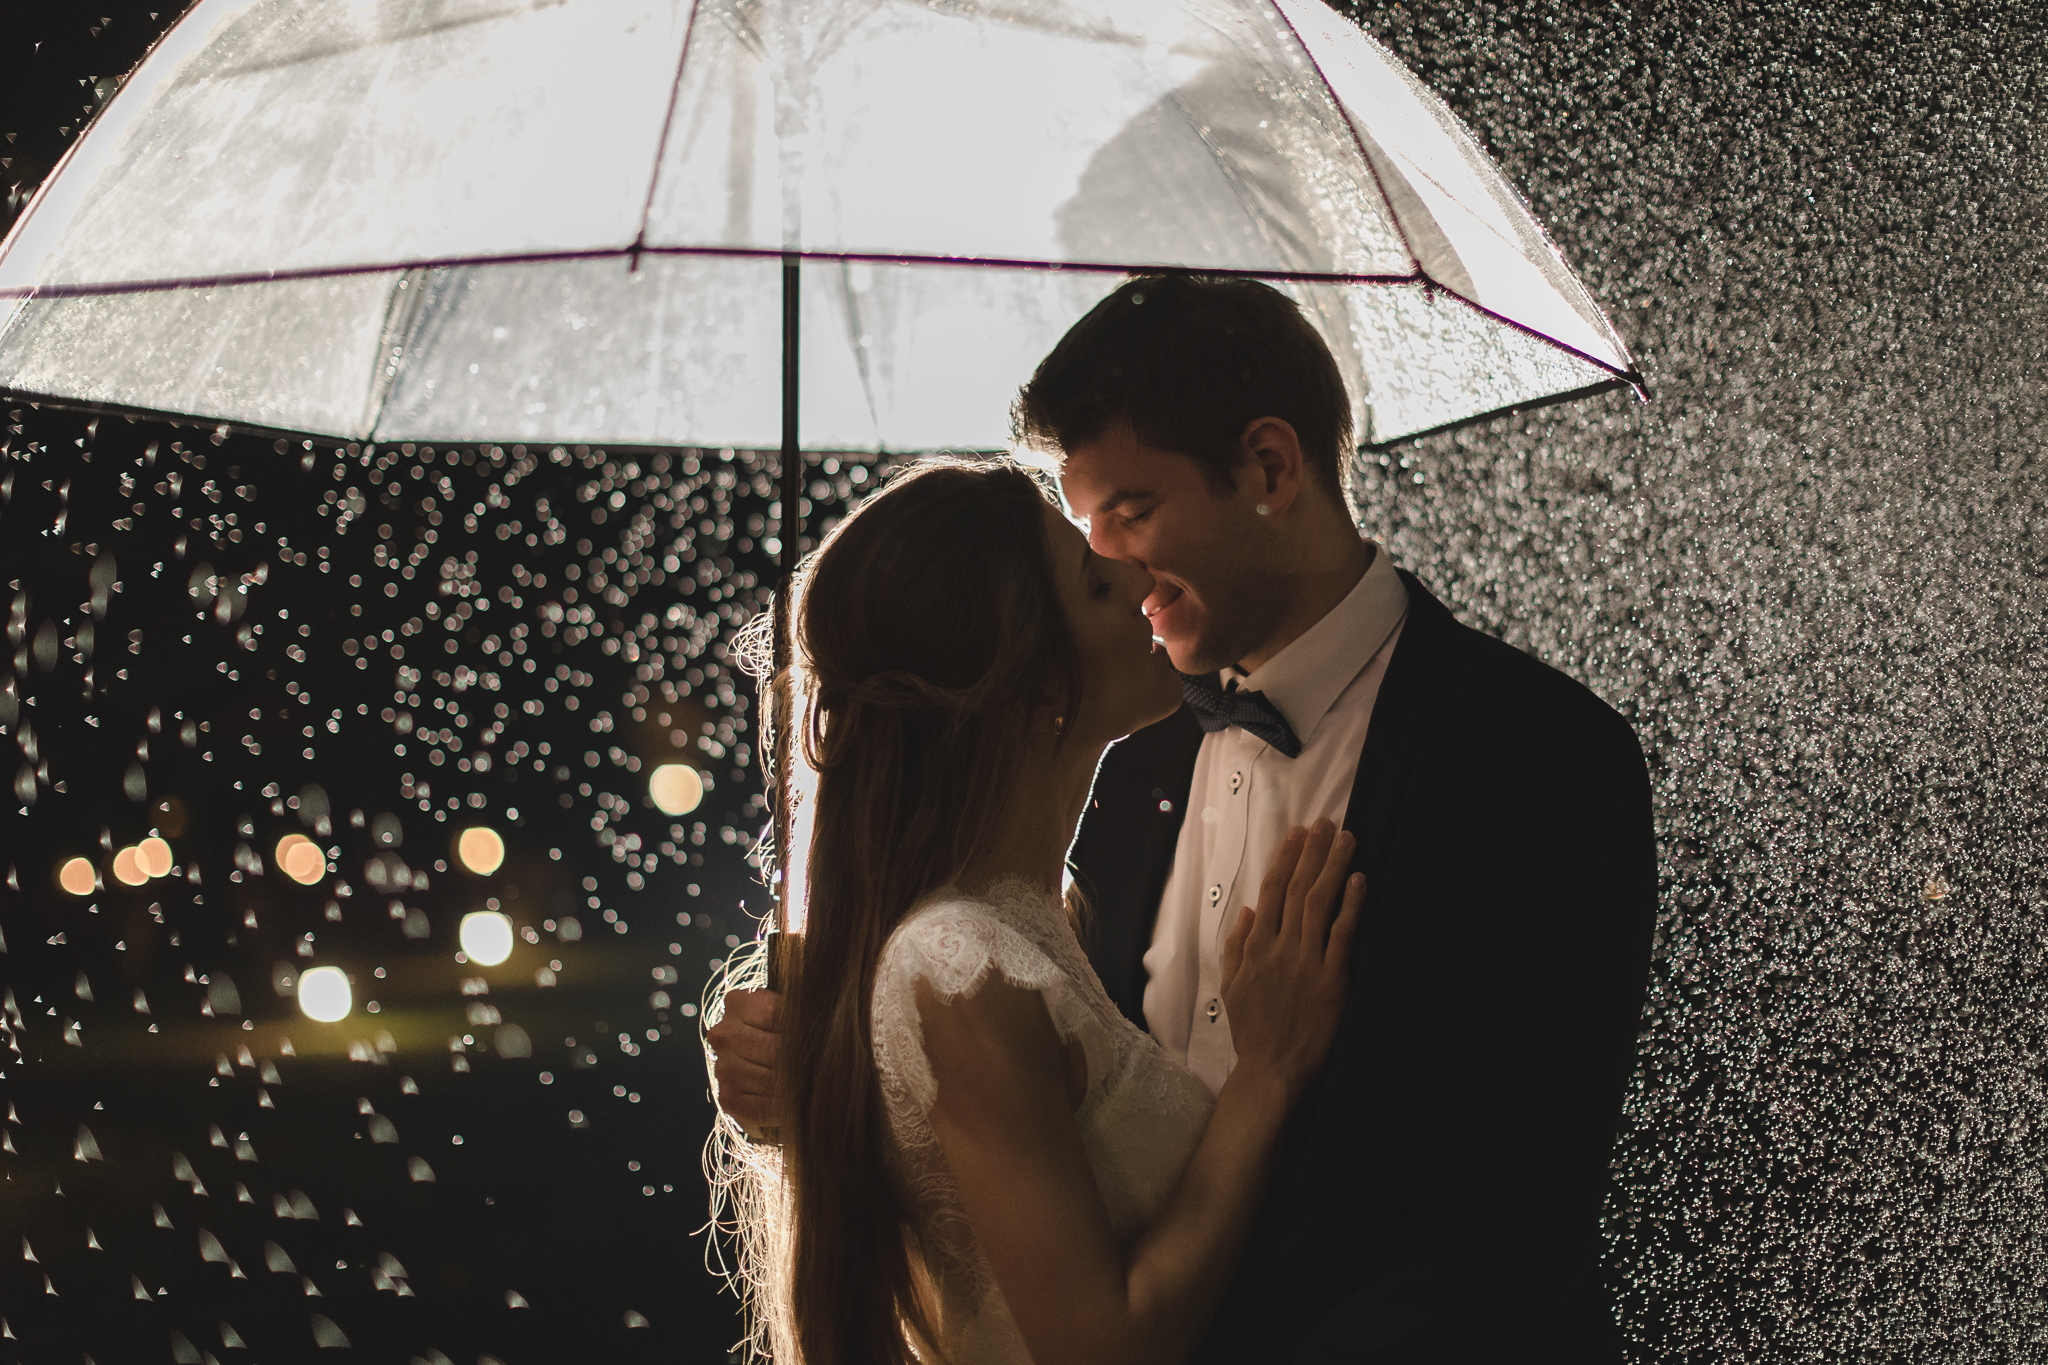 Hochzeitsfotograf Hamburg - Brautpaar im Regen unter großem Schirm